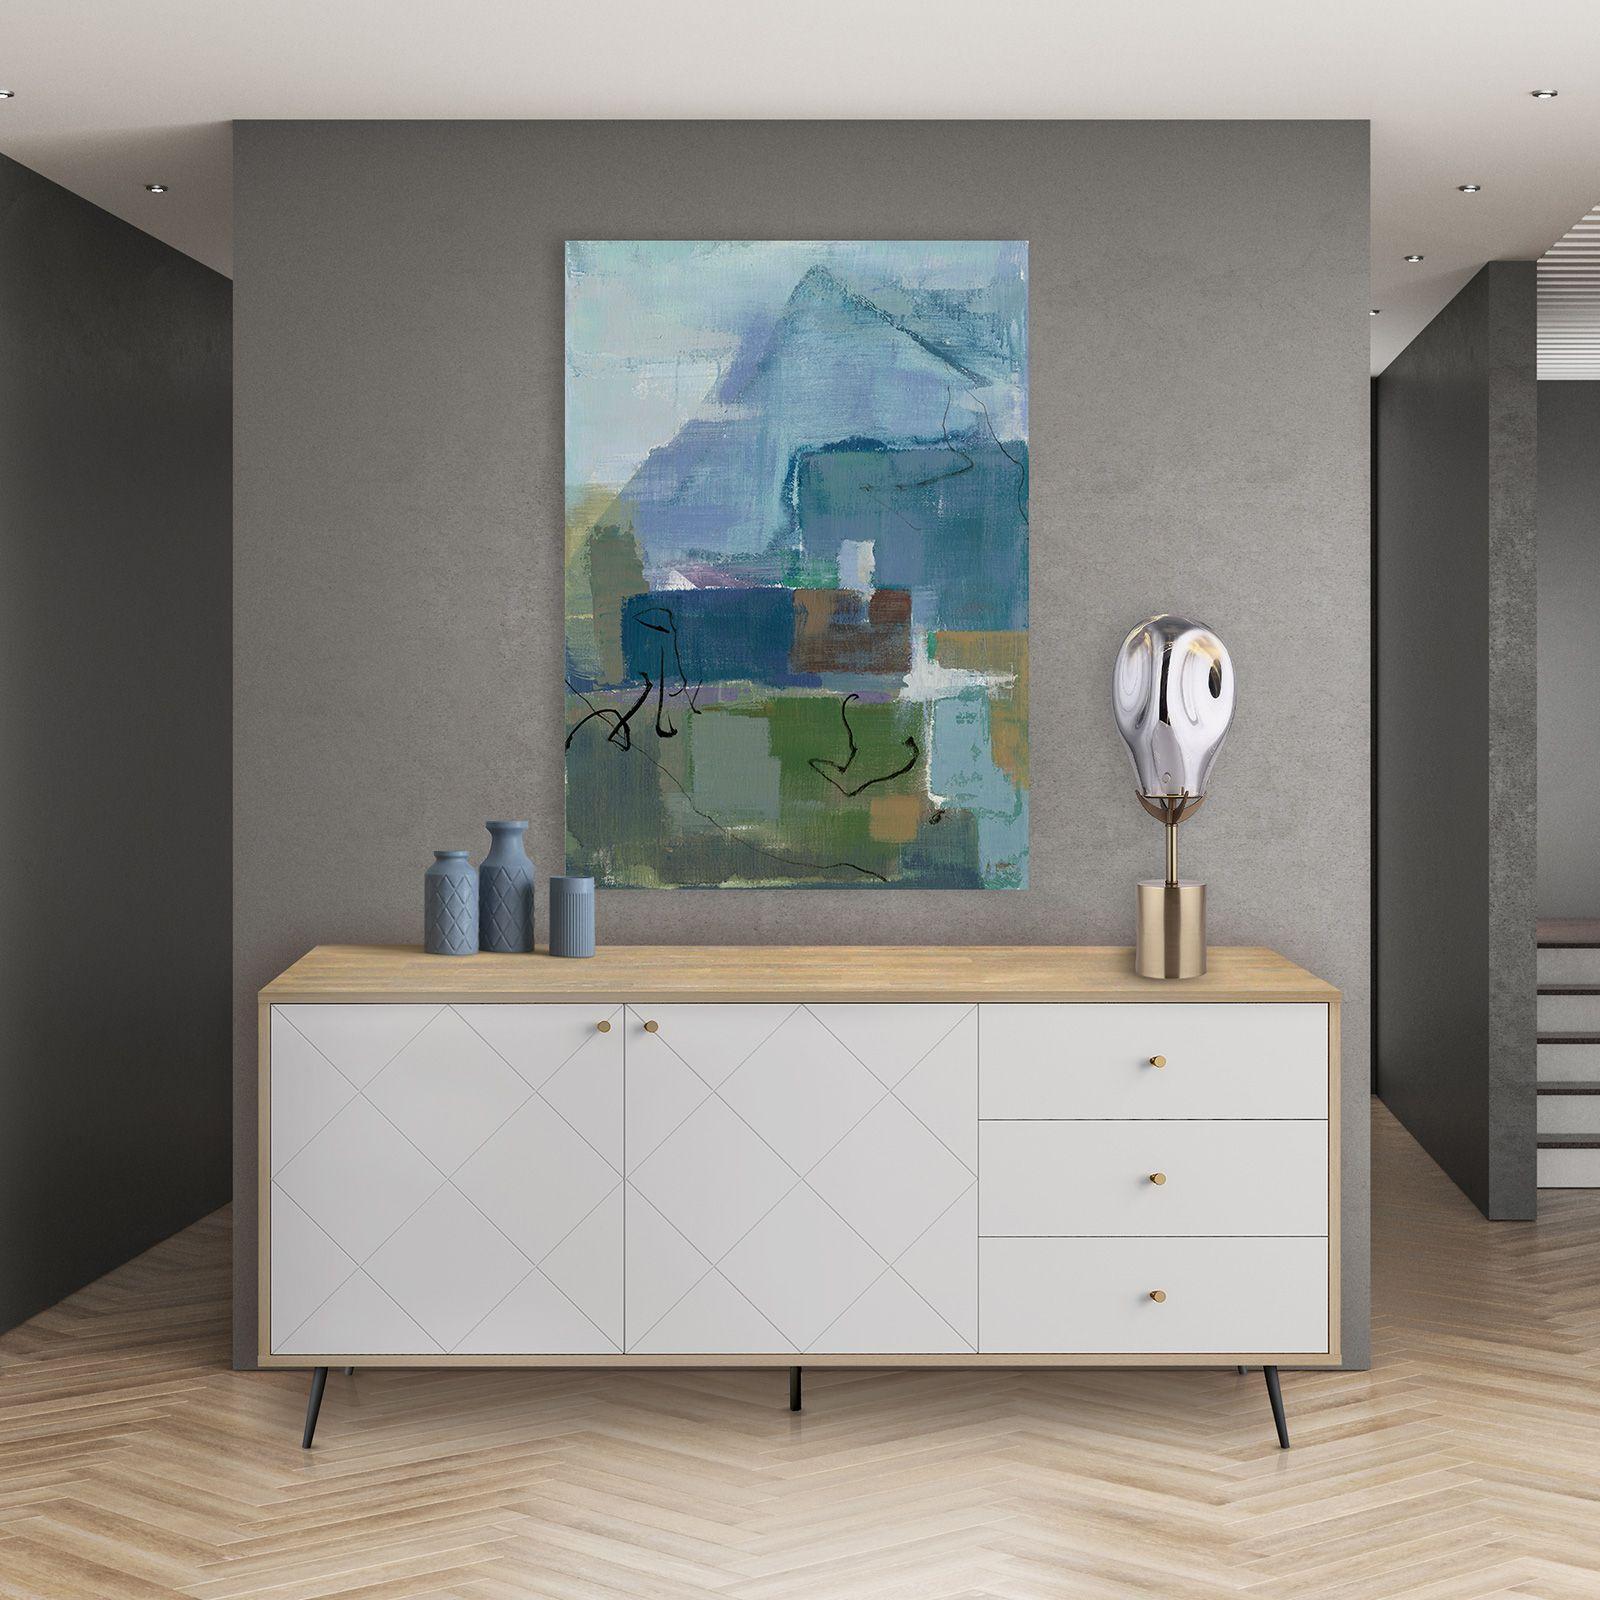 UKKO White | Mueble aparador (176 x 40 x 76,6 cm)